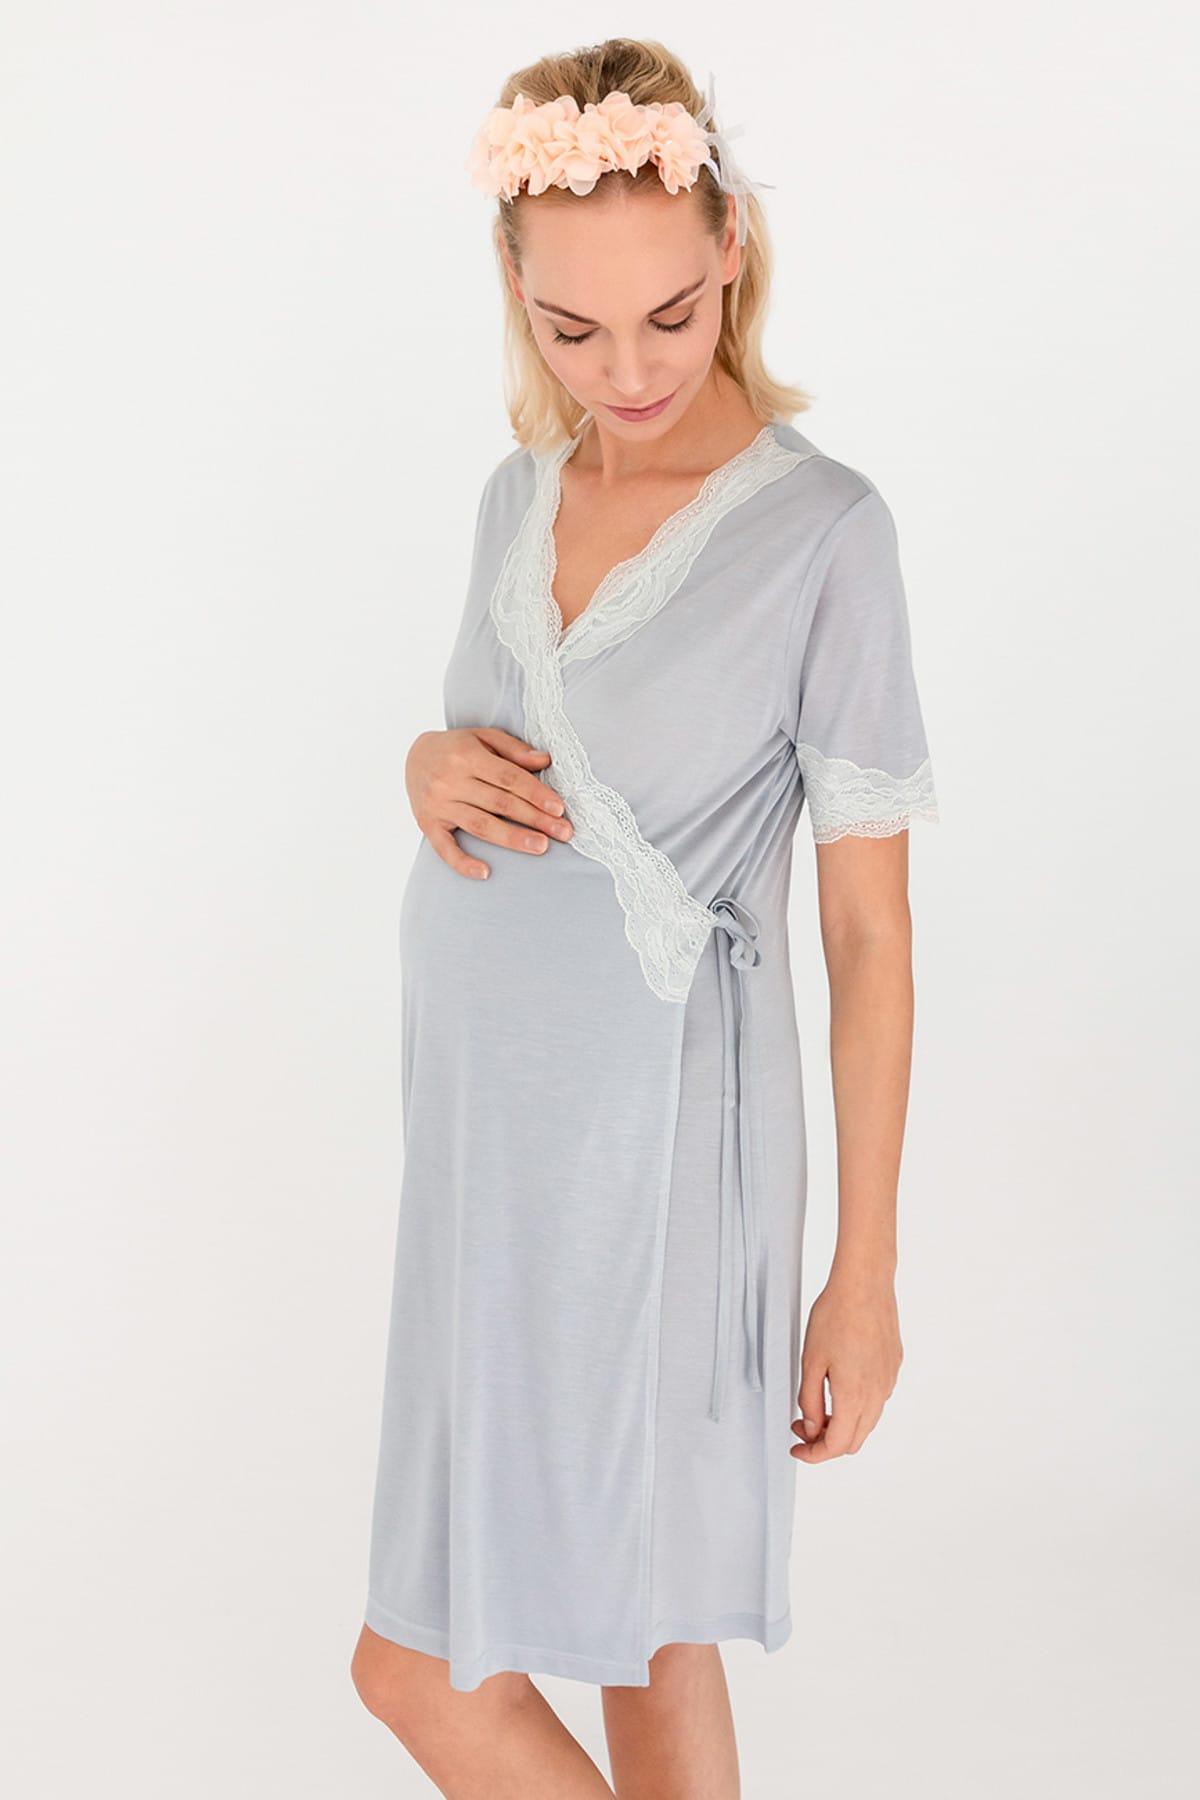 Hays Kadın Gri Mom Dantel Detaylı Kruvaze Penye Modal Gecelik 1